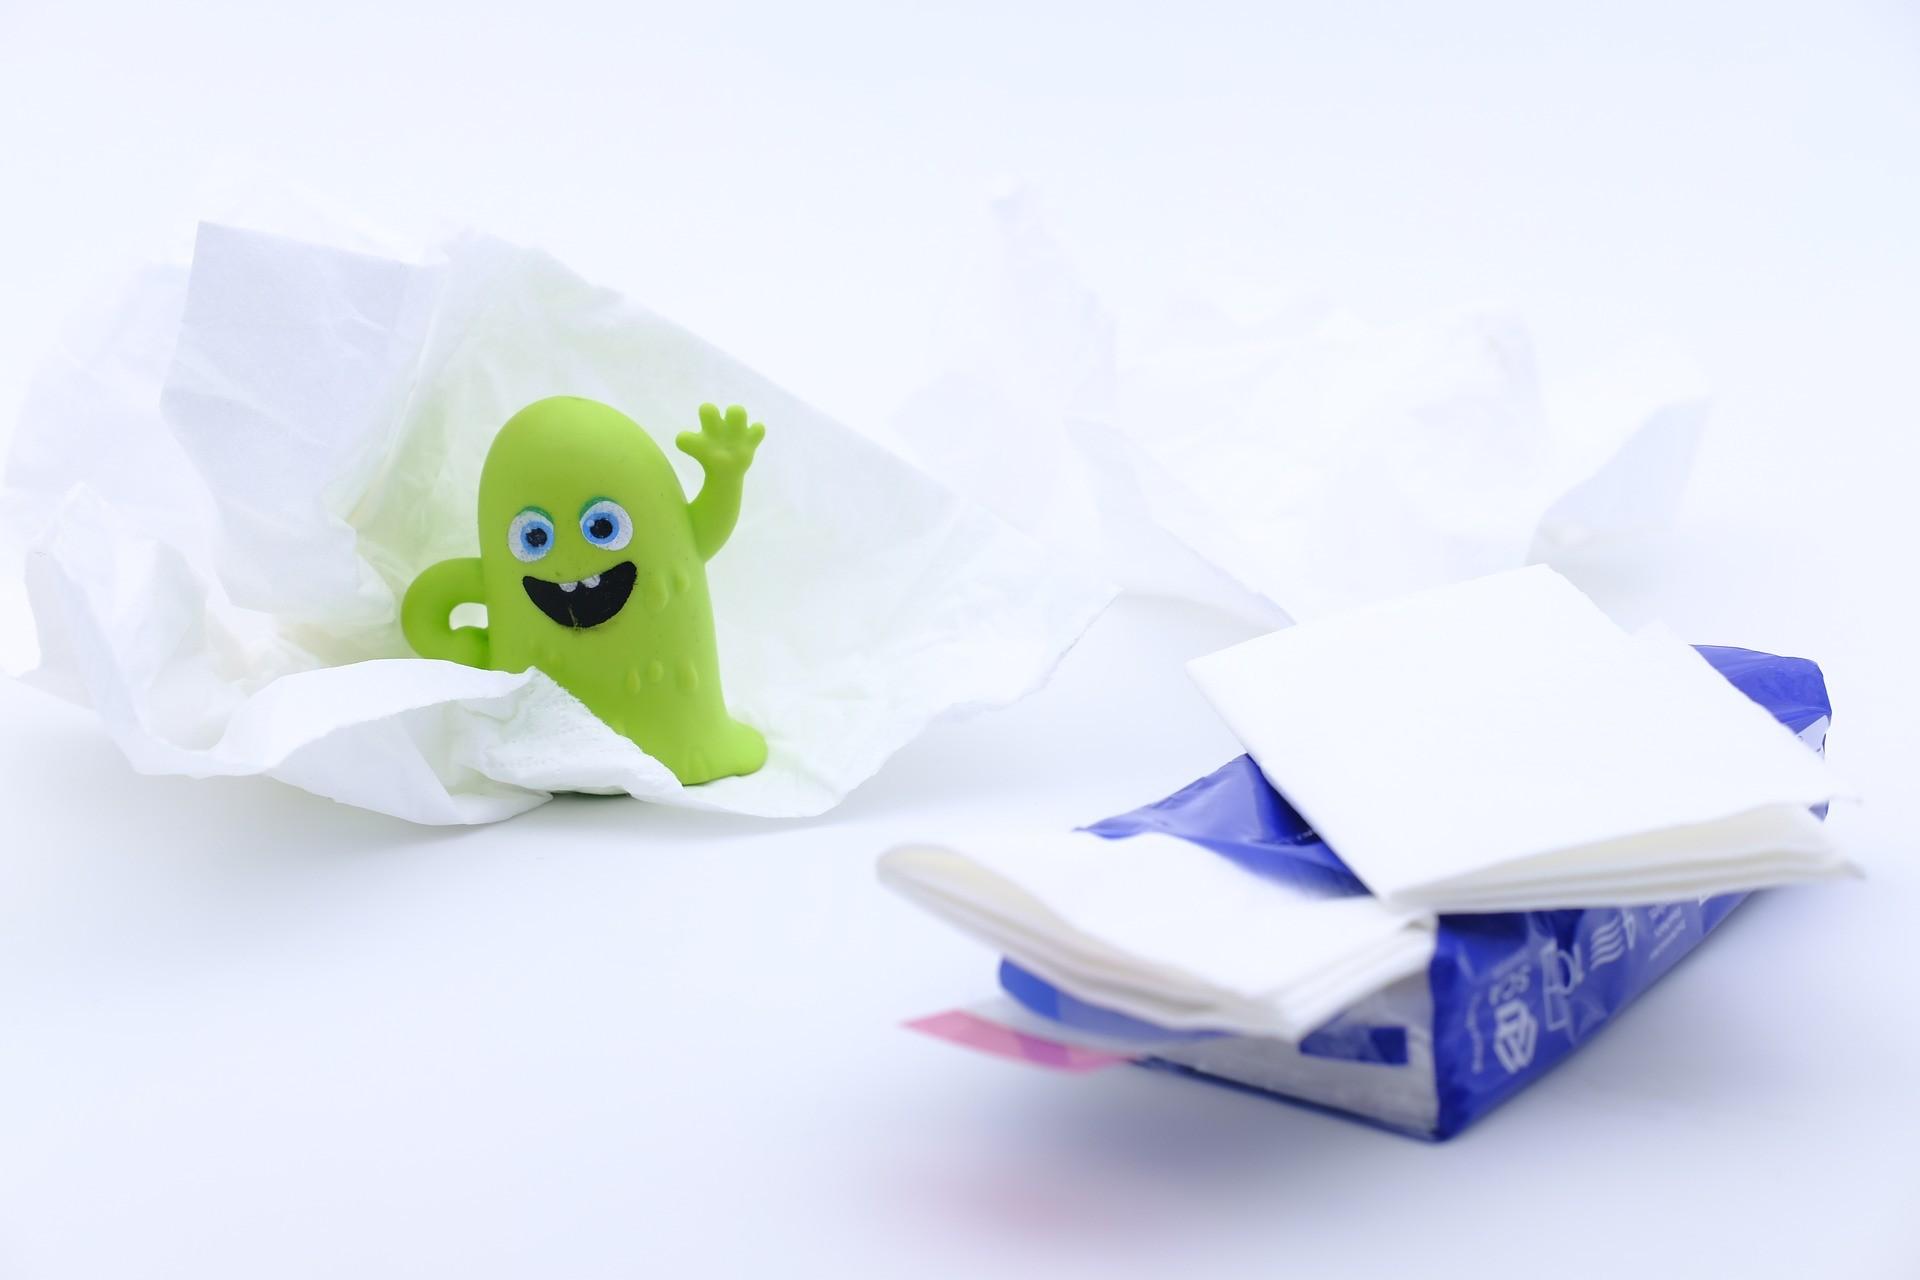 грипп, простуда, болезнь